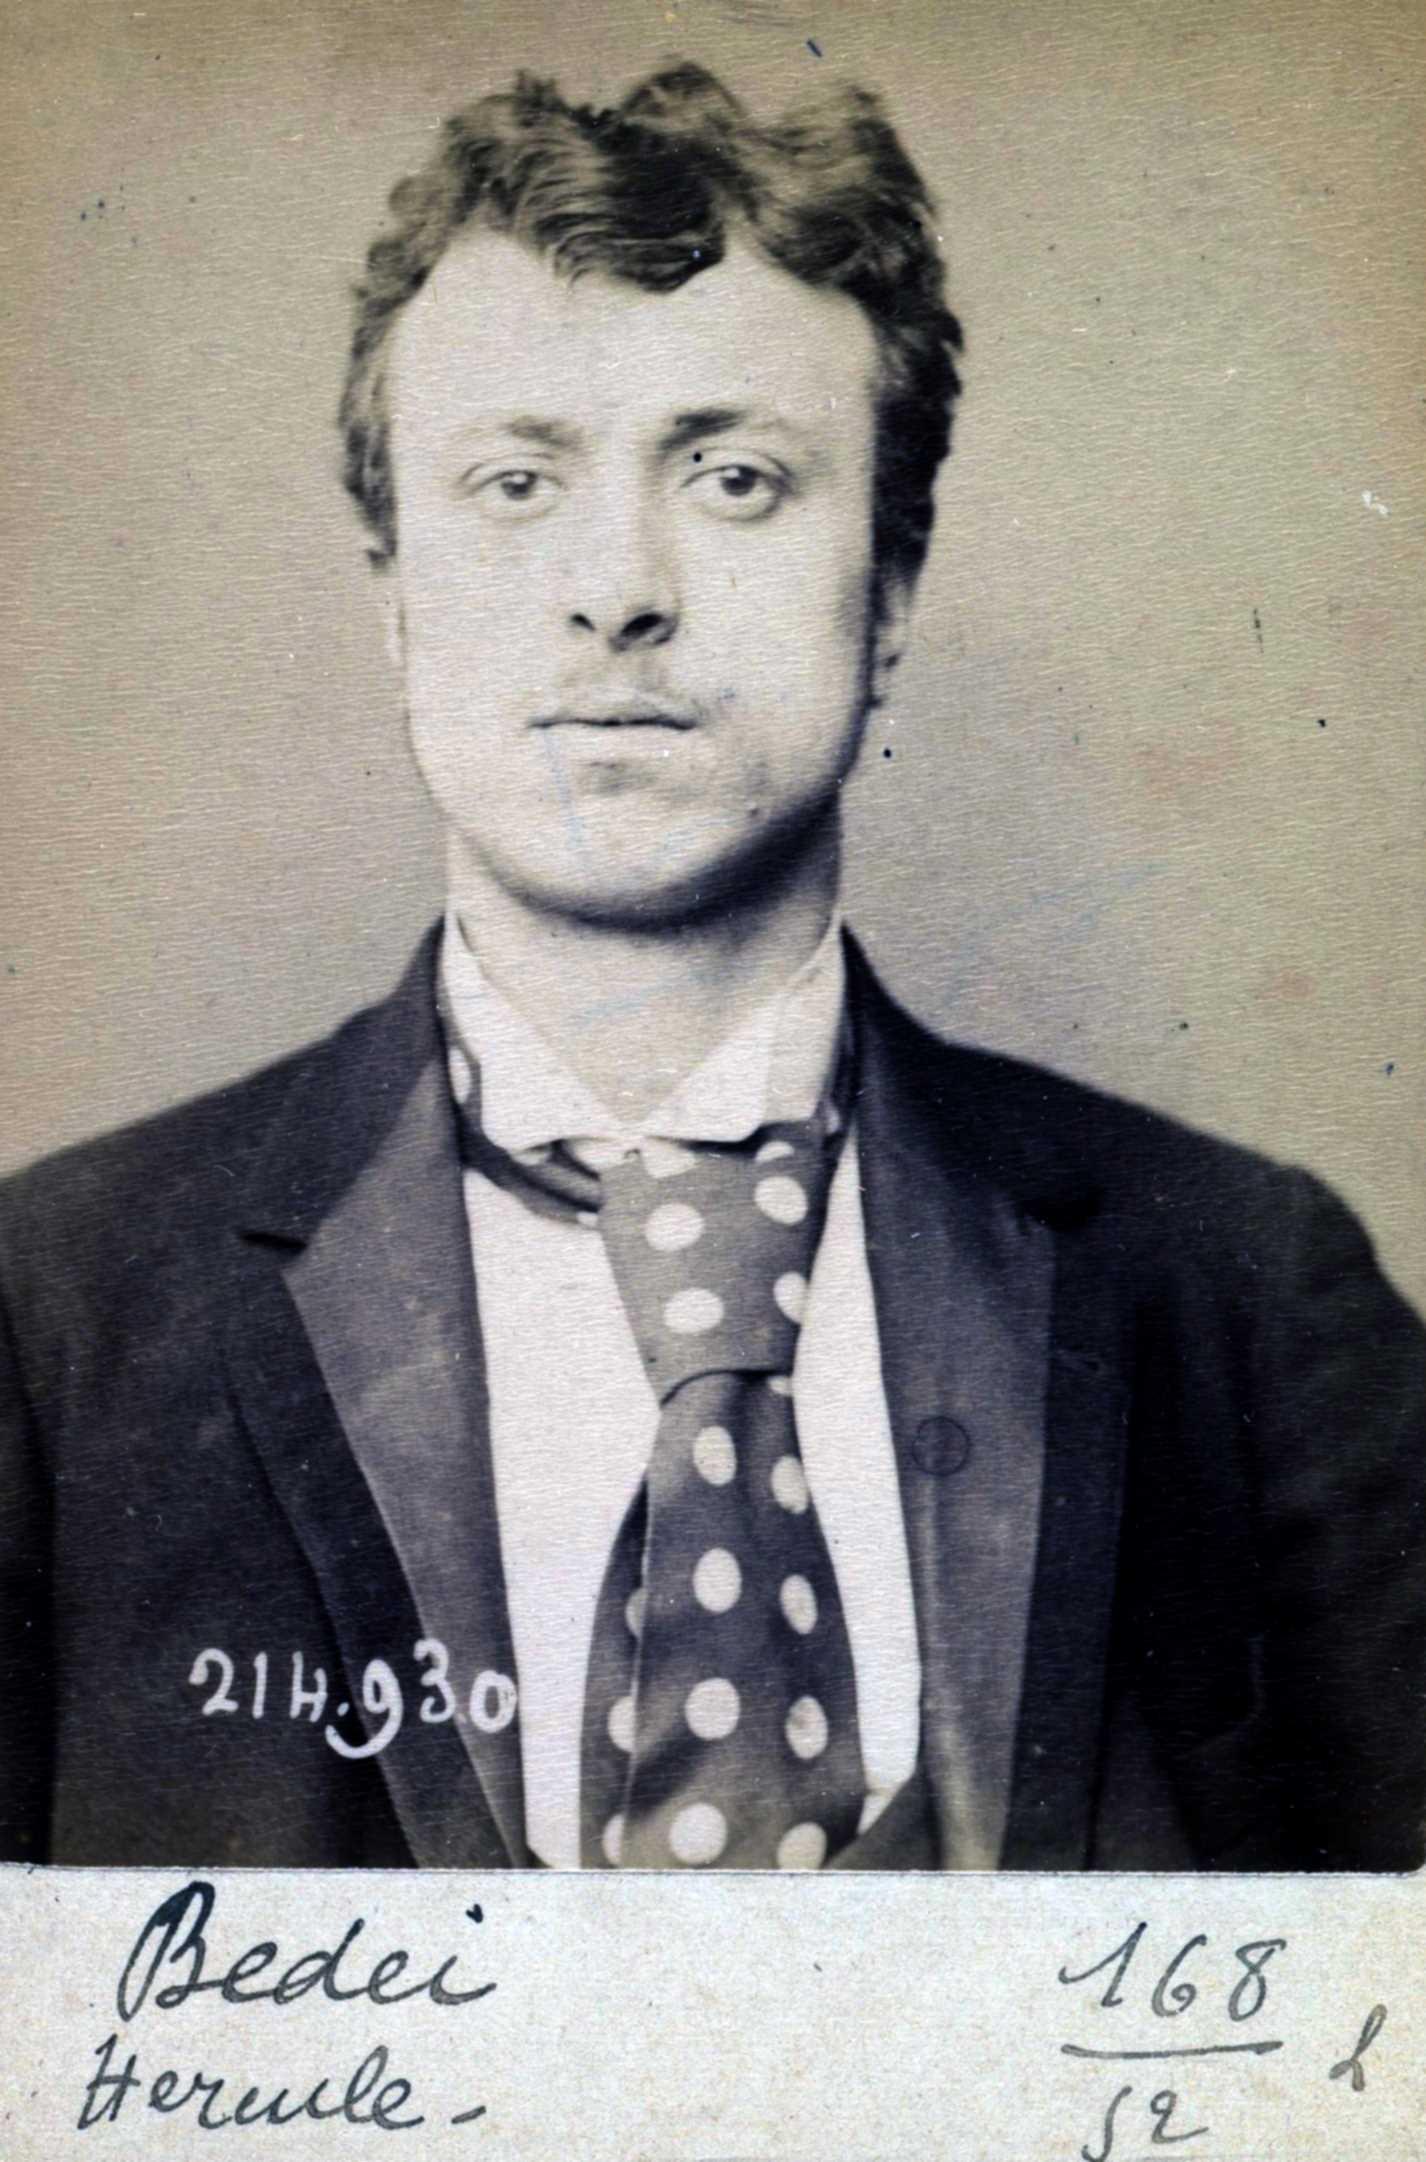 Foto policíaca d'Hercule Bedéi (1 de març de 1894)